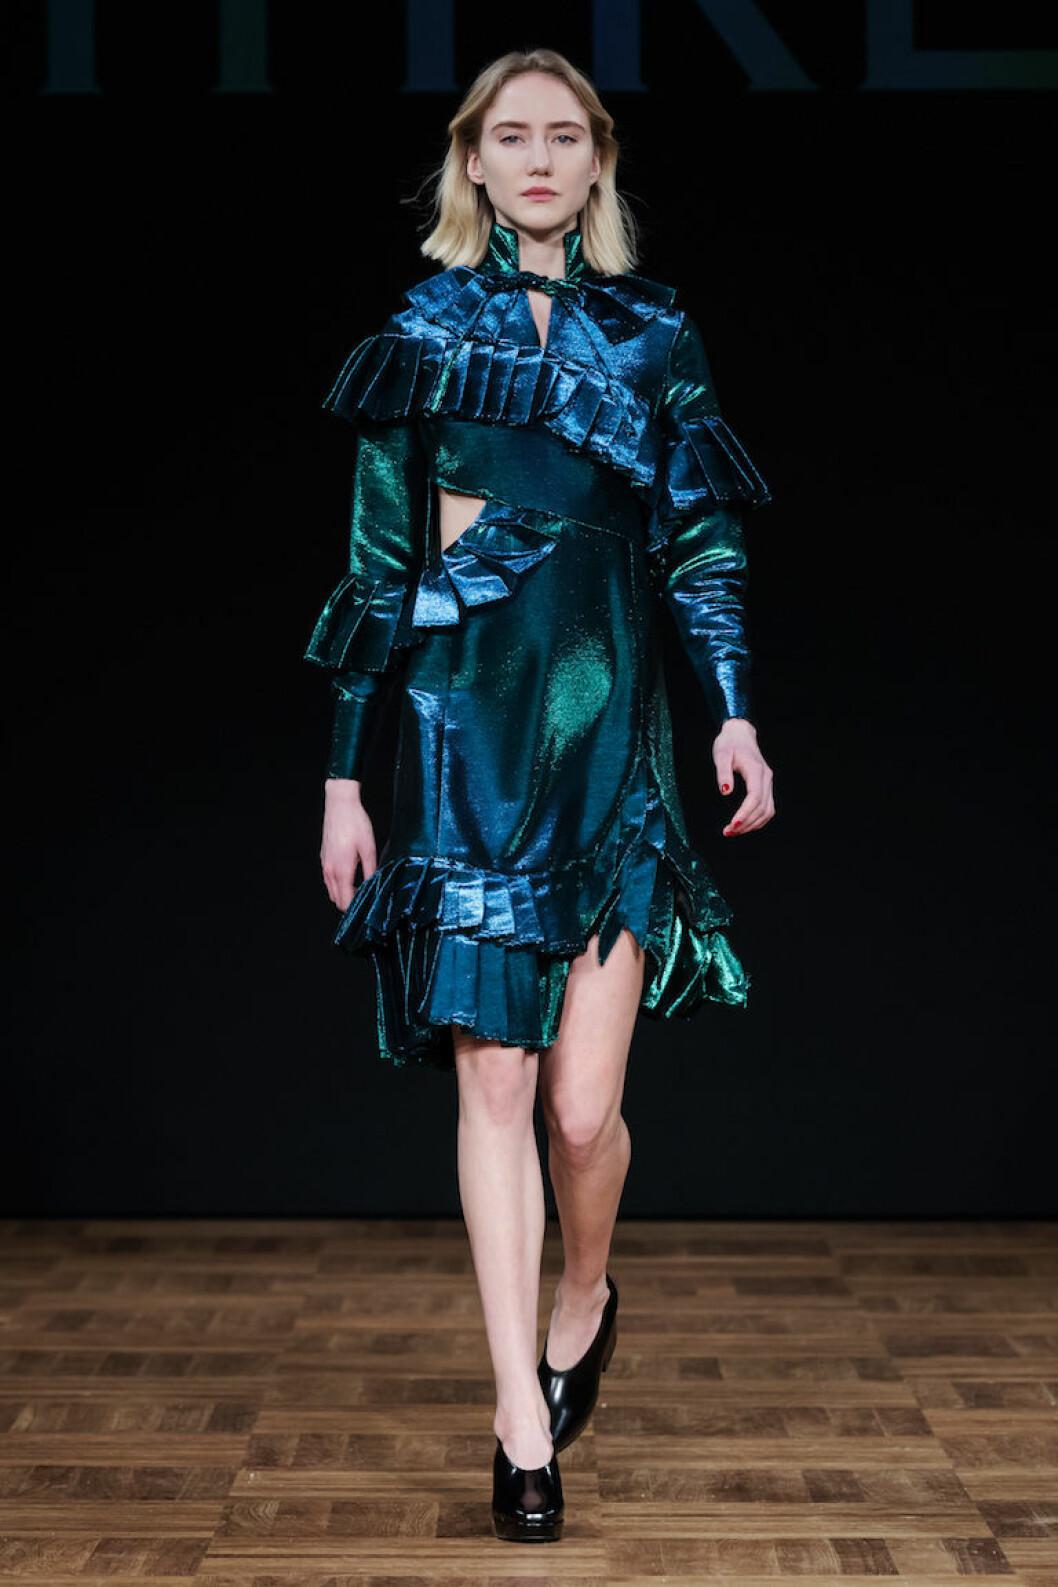 Skimrande klänning i blått och grönt från Whyred AW18.